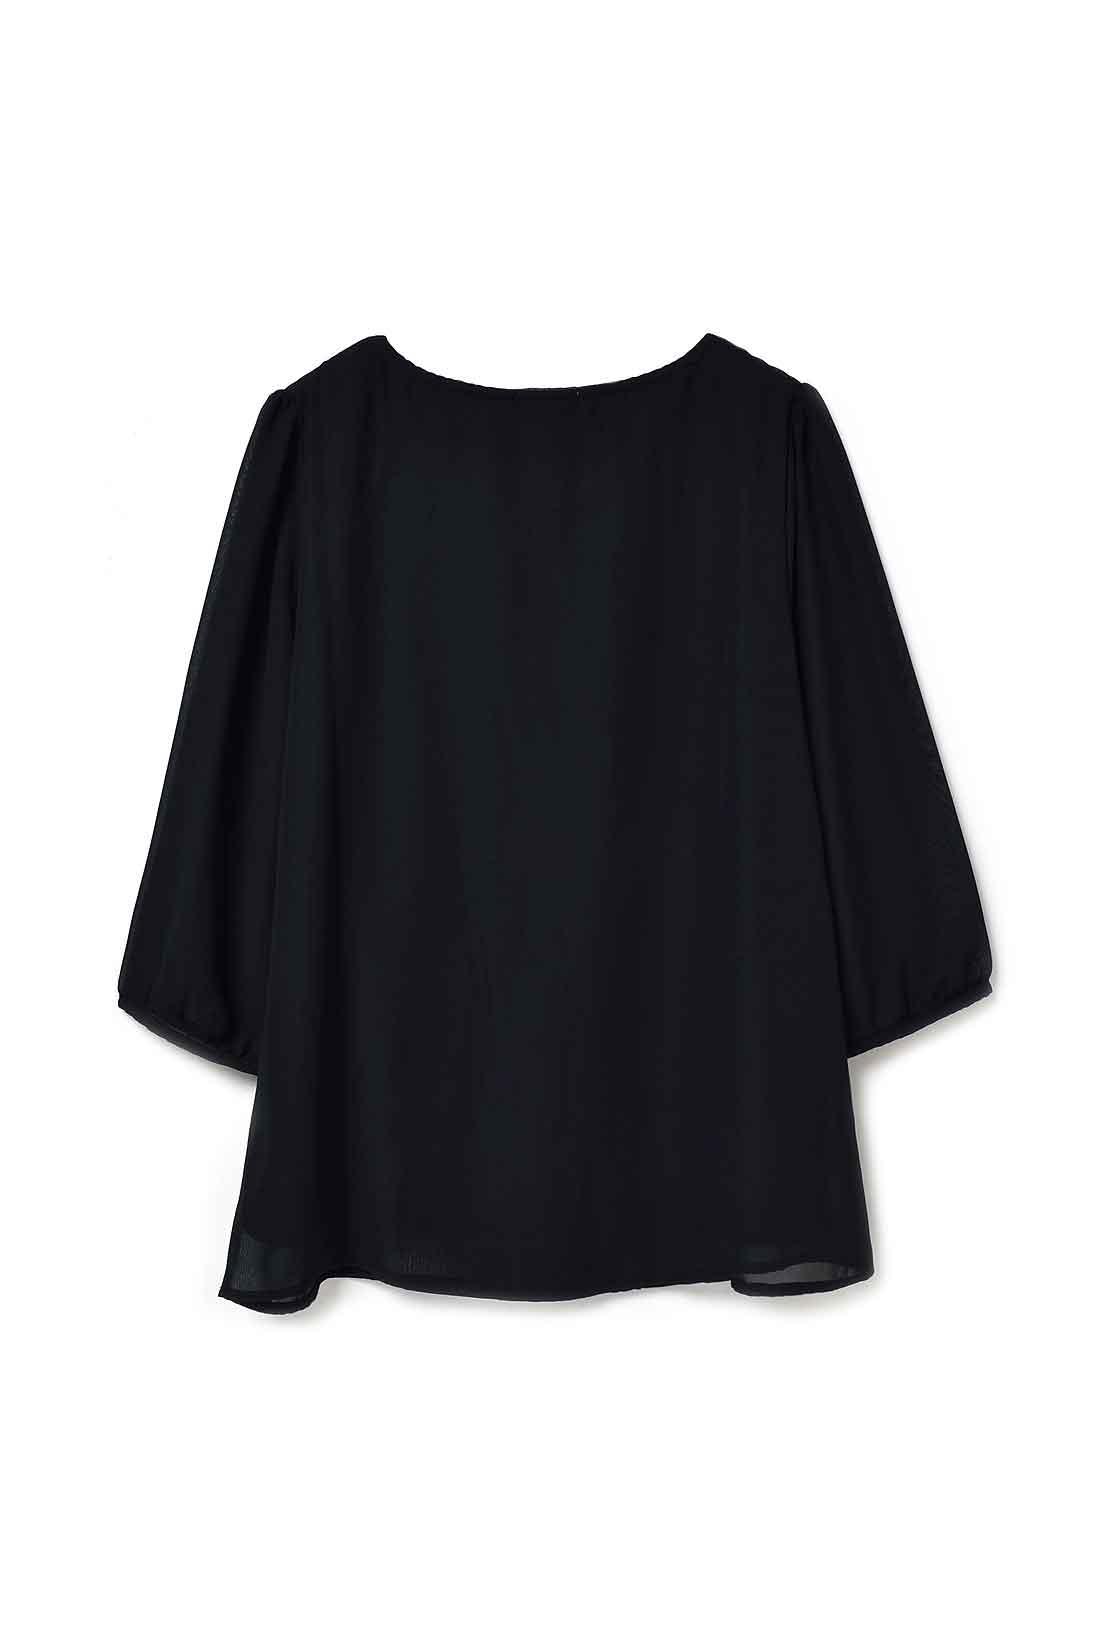 Back 背中も全面シフォンの二枚仕立て。袖はシフォン一枚仕立てで軽やか。